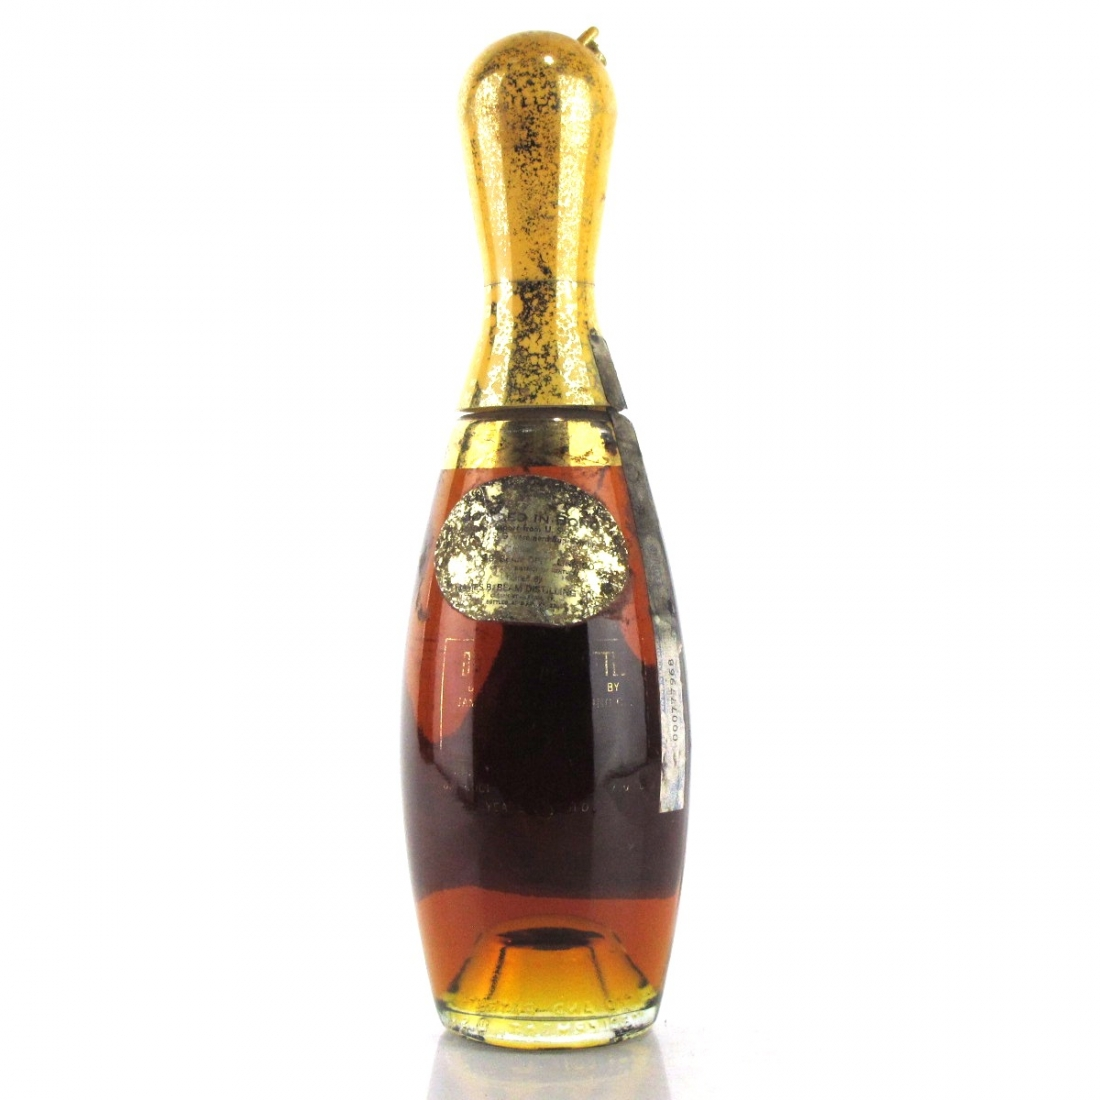 Jim Beam / Beam's Pin Bottle 6 Year Old Bottled in Bond Bourbon 1970s